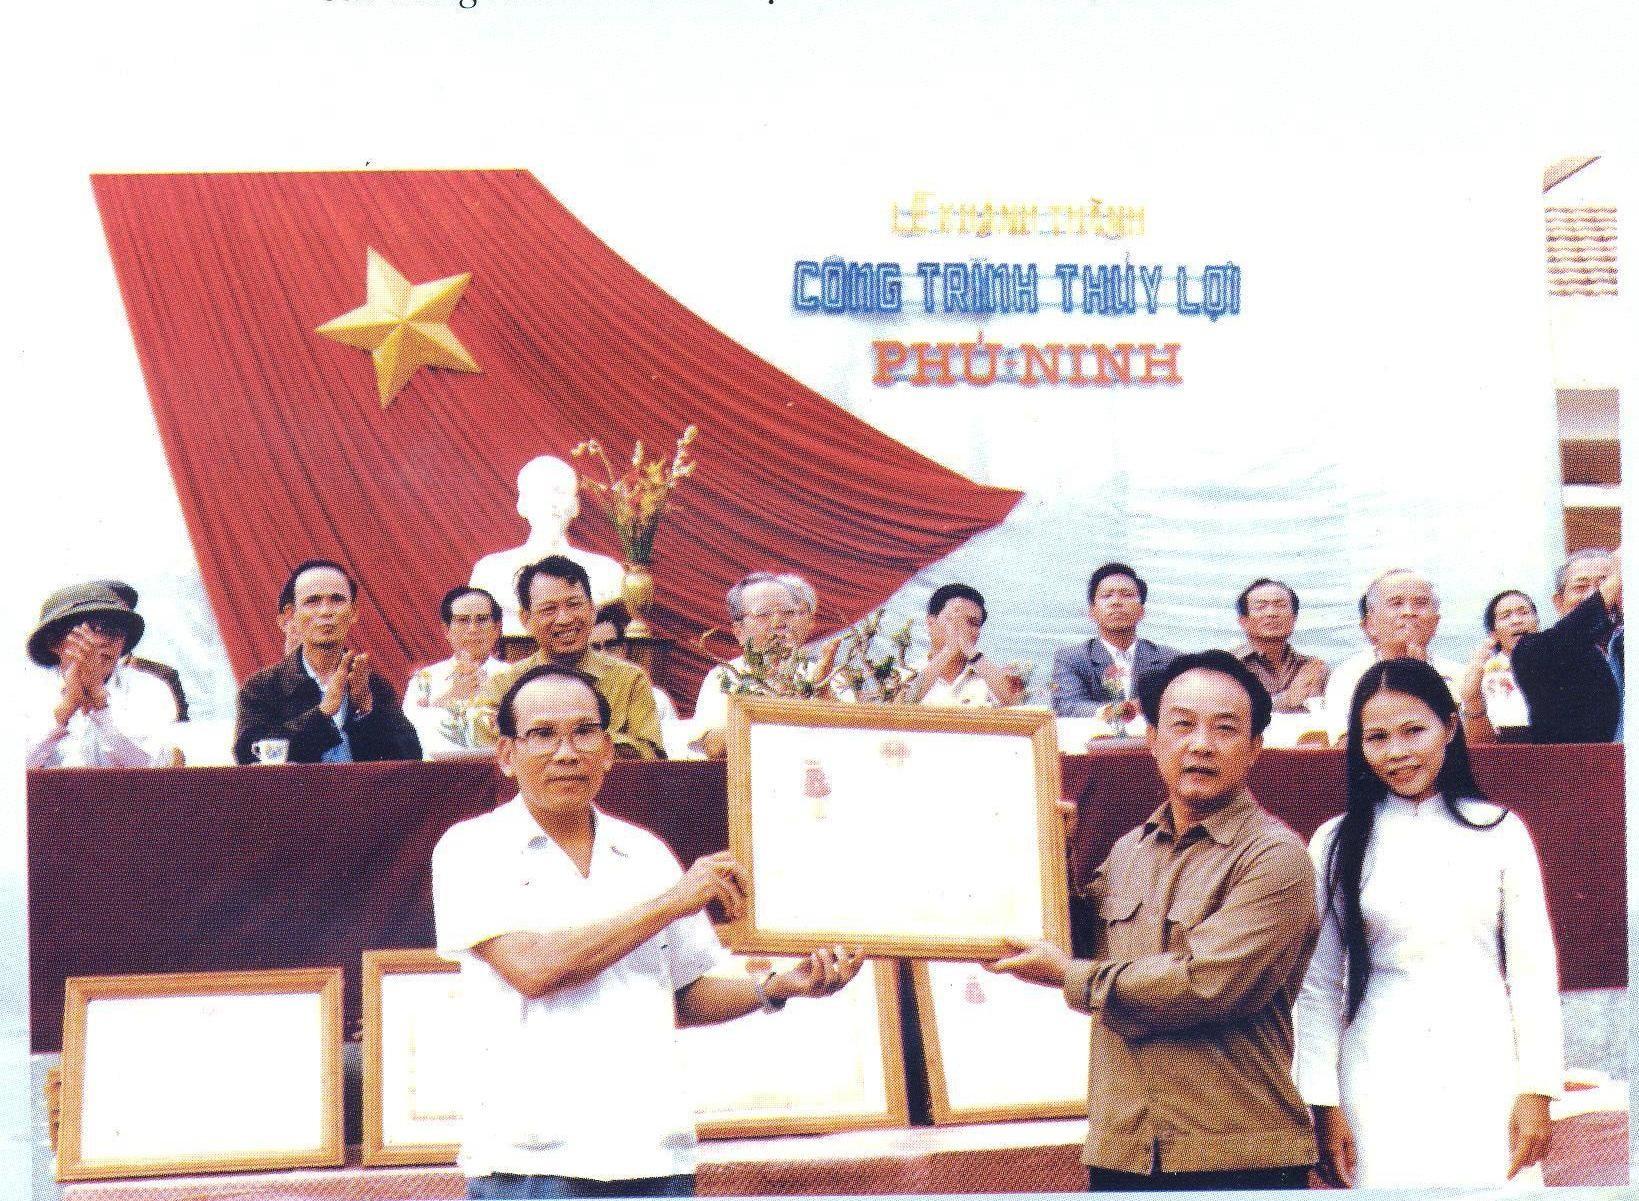 Khánh thành công trình Đại thủy nông Phú Ninh, tháng 3.1986 (Ảnh tư liệu)